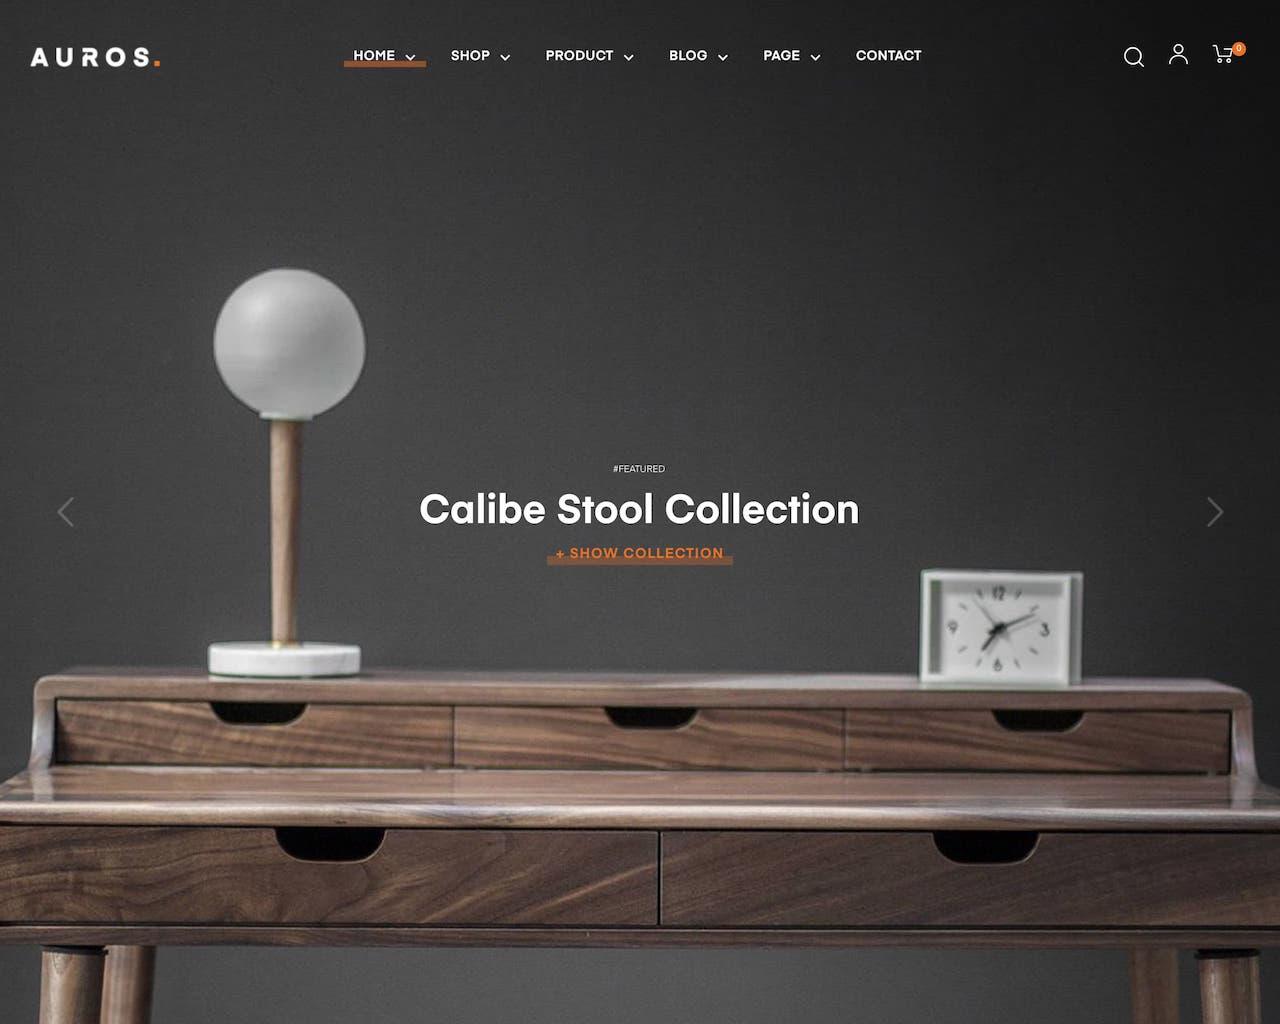 Website vật dụng trang trí nội thất - interior decoration